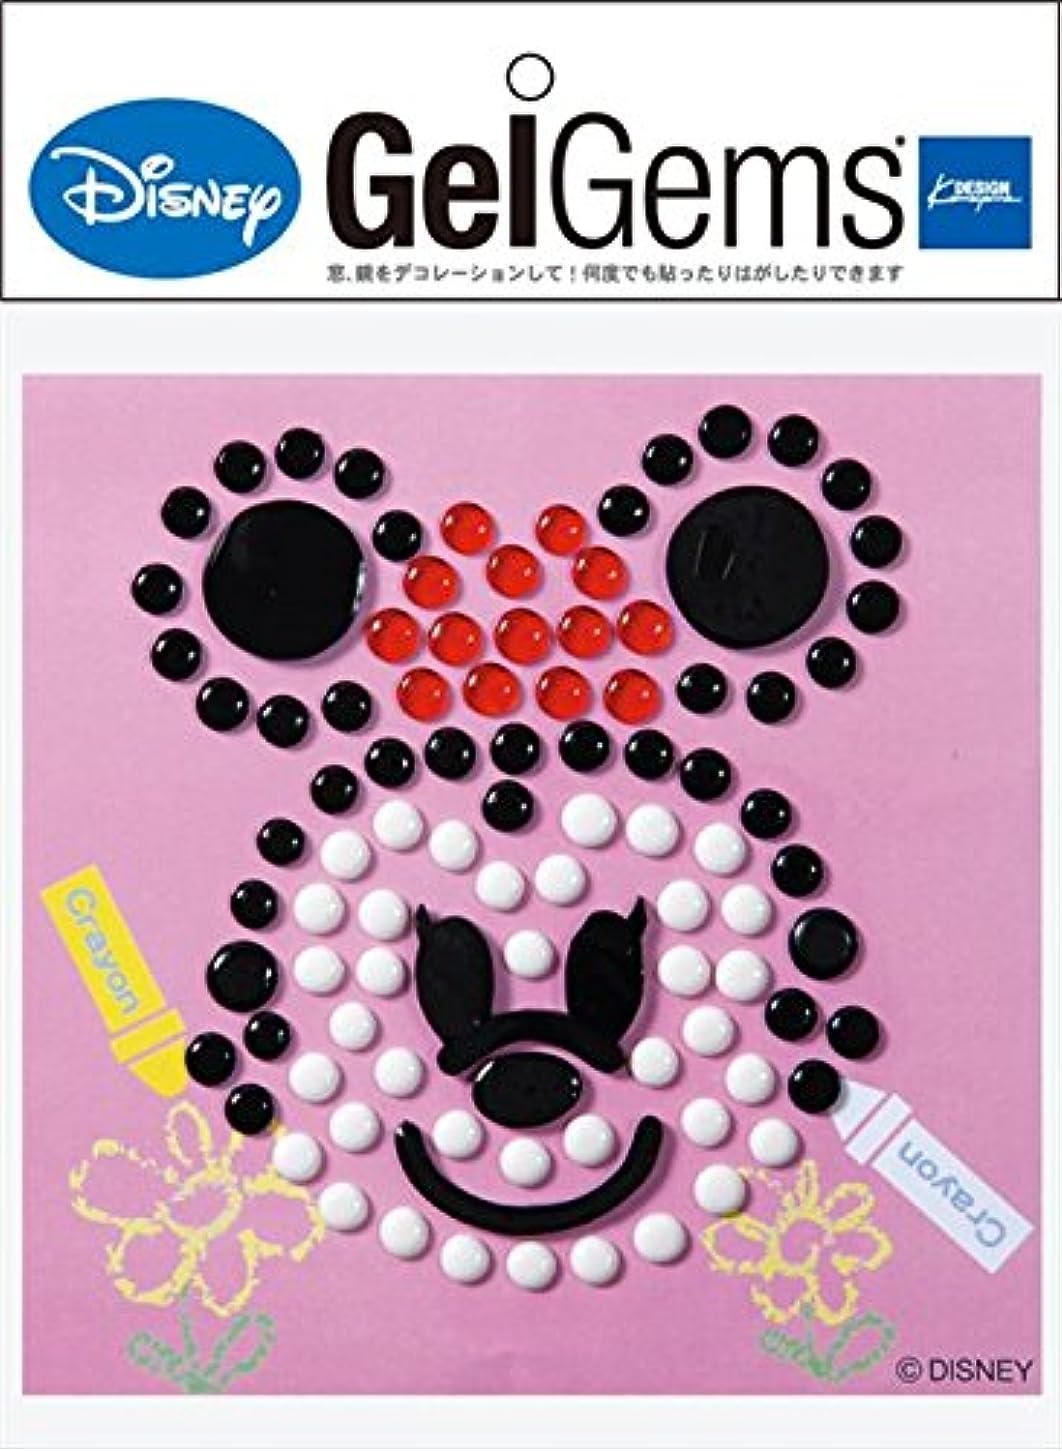 助手コンチネンタルカカドゥディズニー(Disney) ジェルジェムディズニーバッグS 「 ミニードット 」 E1050052